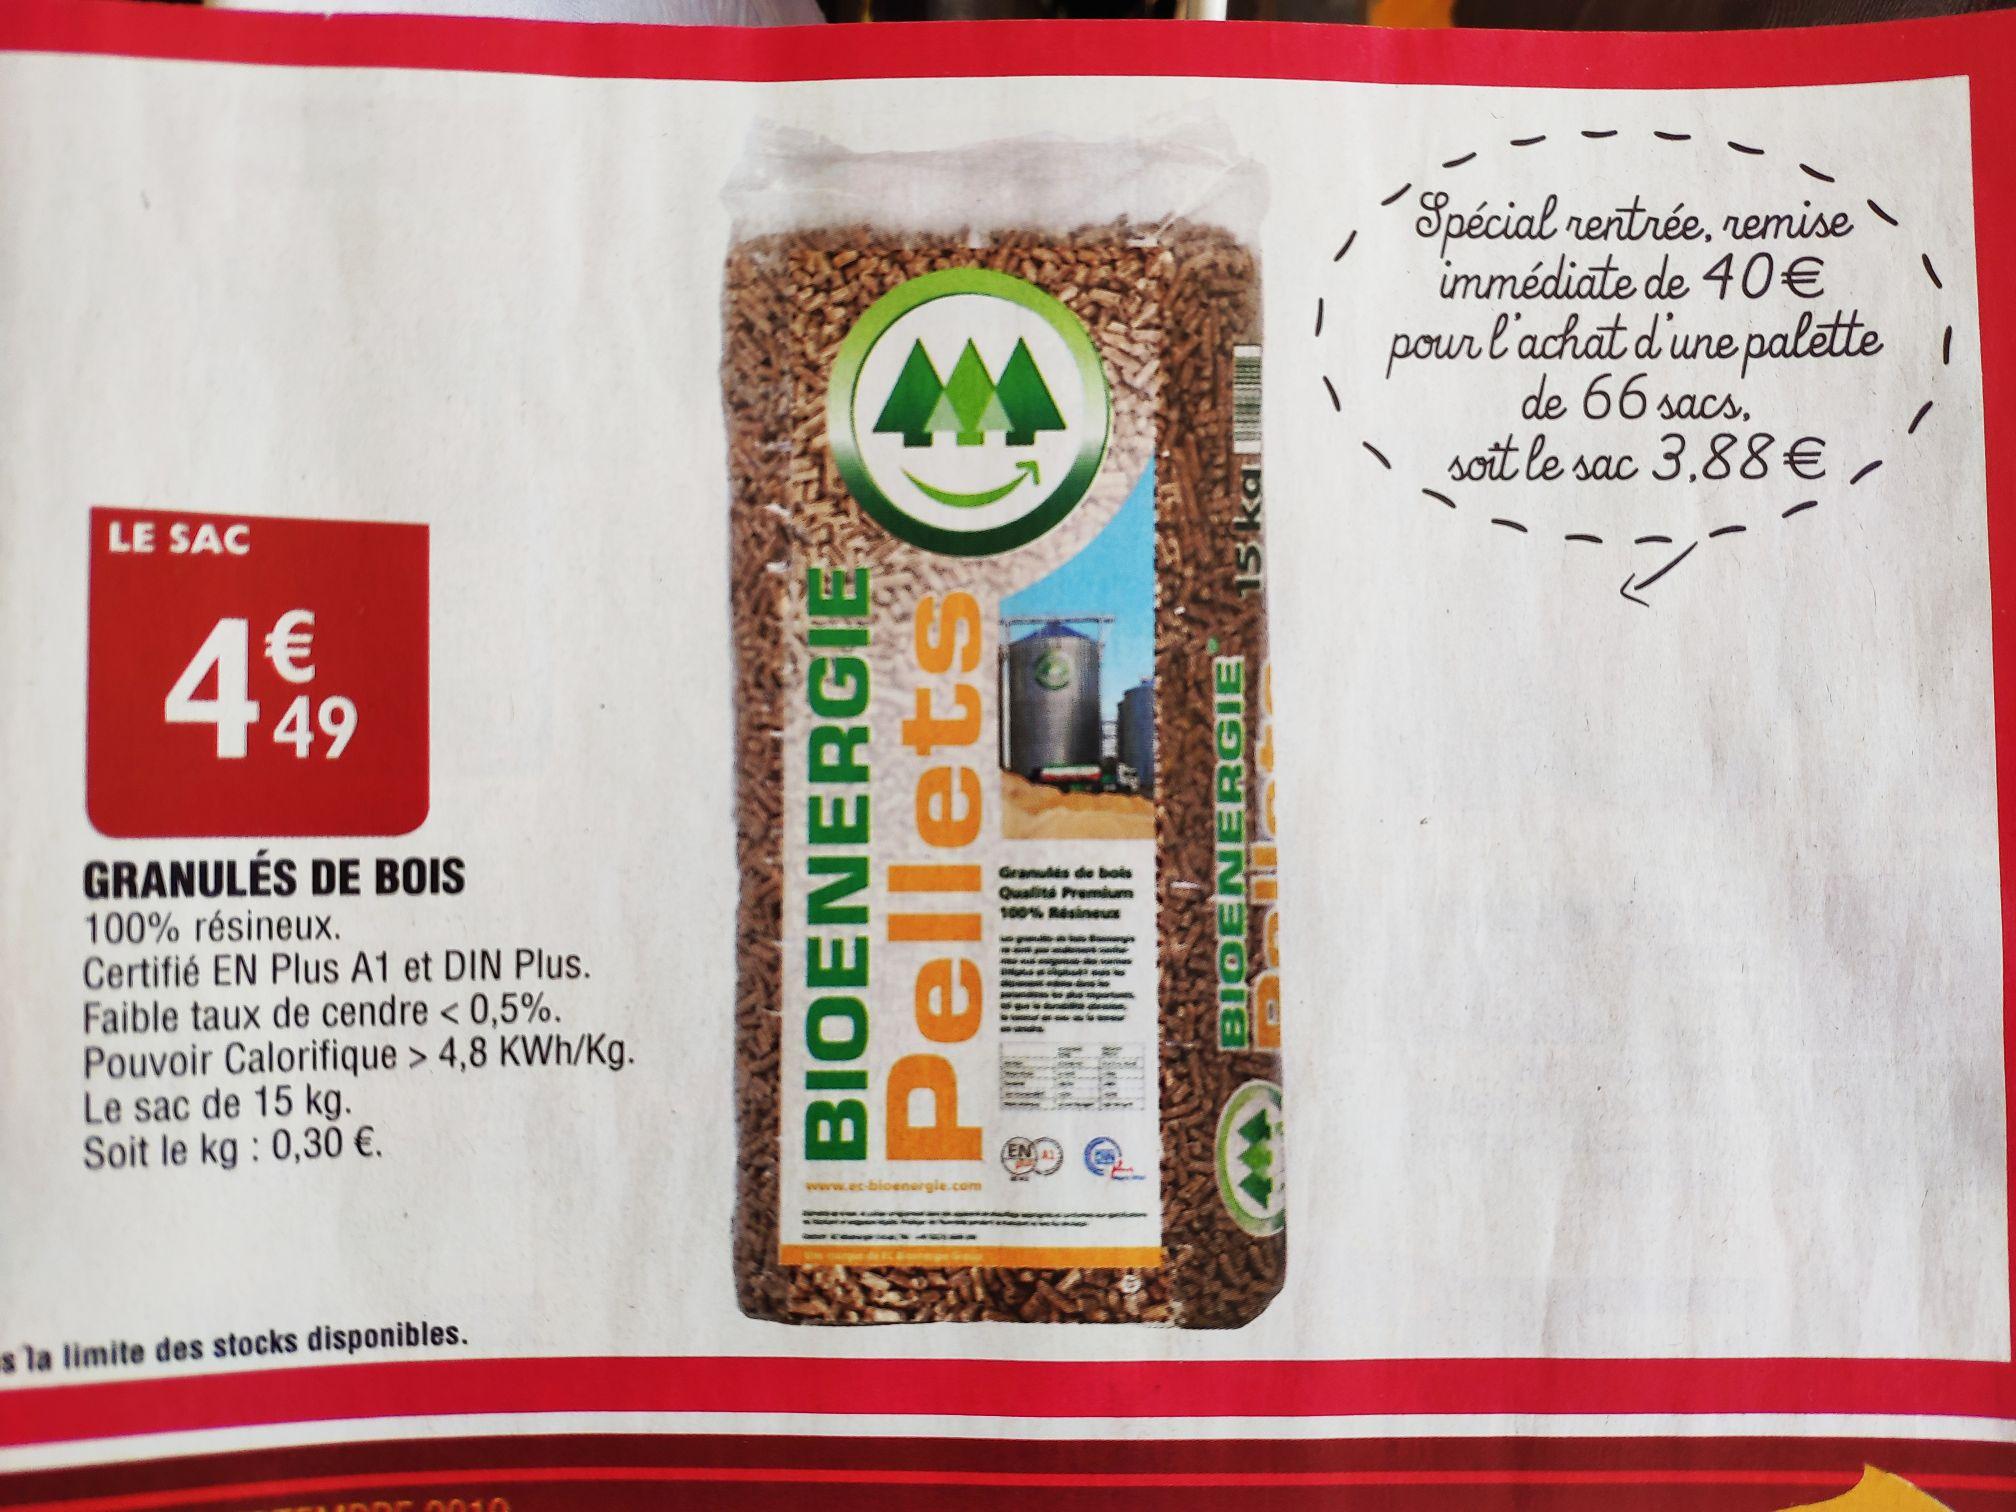 66 sacs de 15kg de Granulés de bois - Bi1 Supermarchés